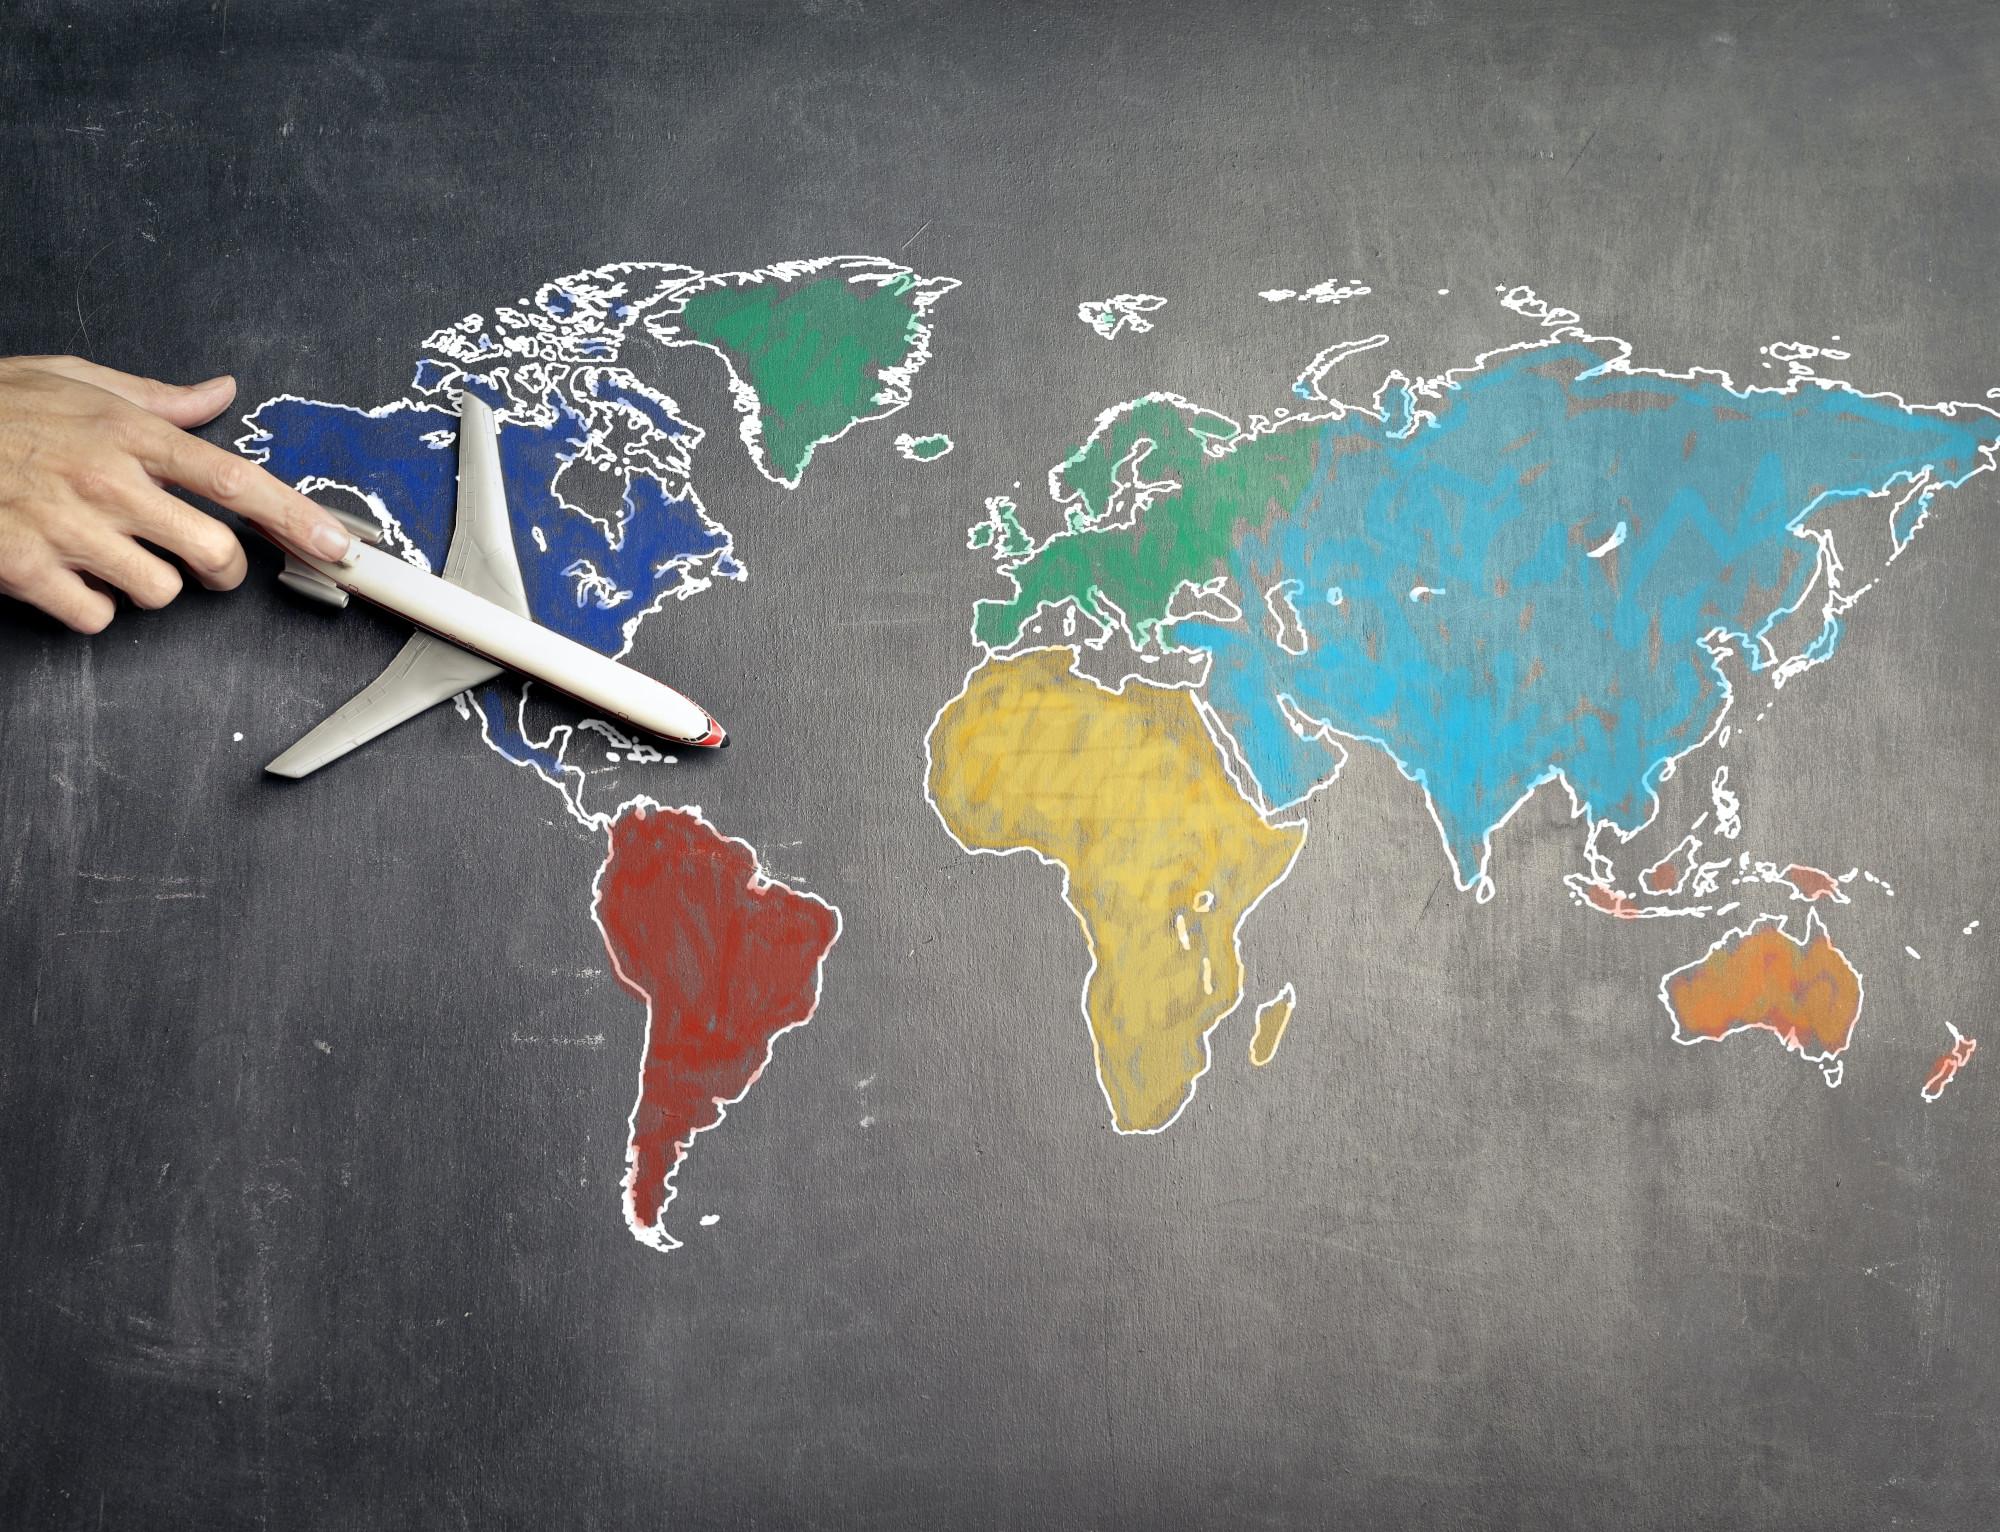 Il programma sull'Internazionalizzazione di Daniela Mapelli, candidata nelle elezioni 2021 alla carica di rettore UNIPD. Relazioni Internazionali, Internazionalizzazione della Didattica, della Ricerca e della Terza Missione, Servizi per l'Internazionalizzazione, Ranking Internazionali.